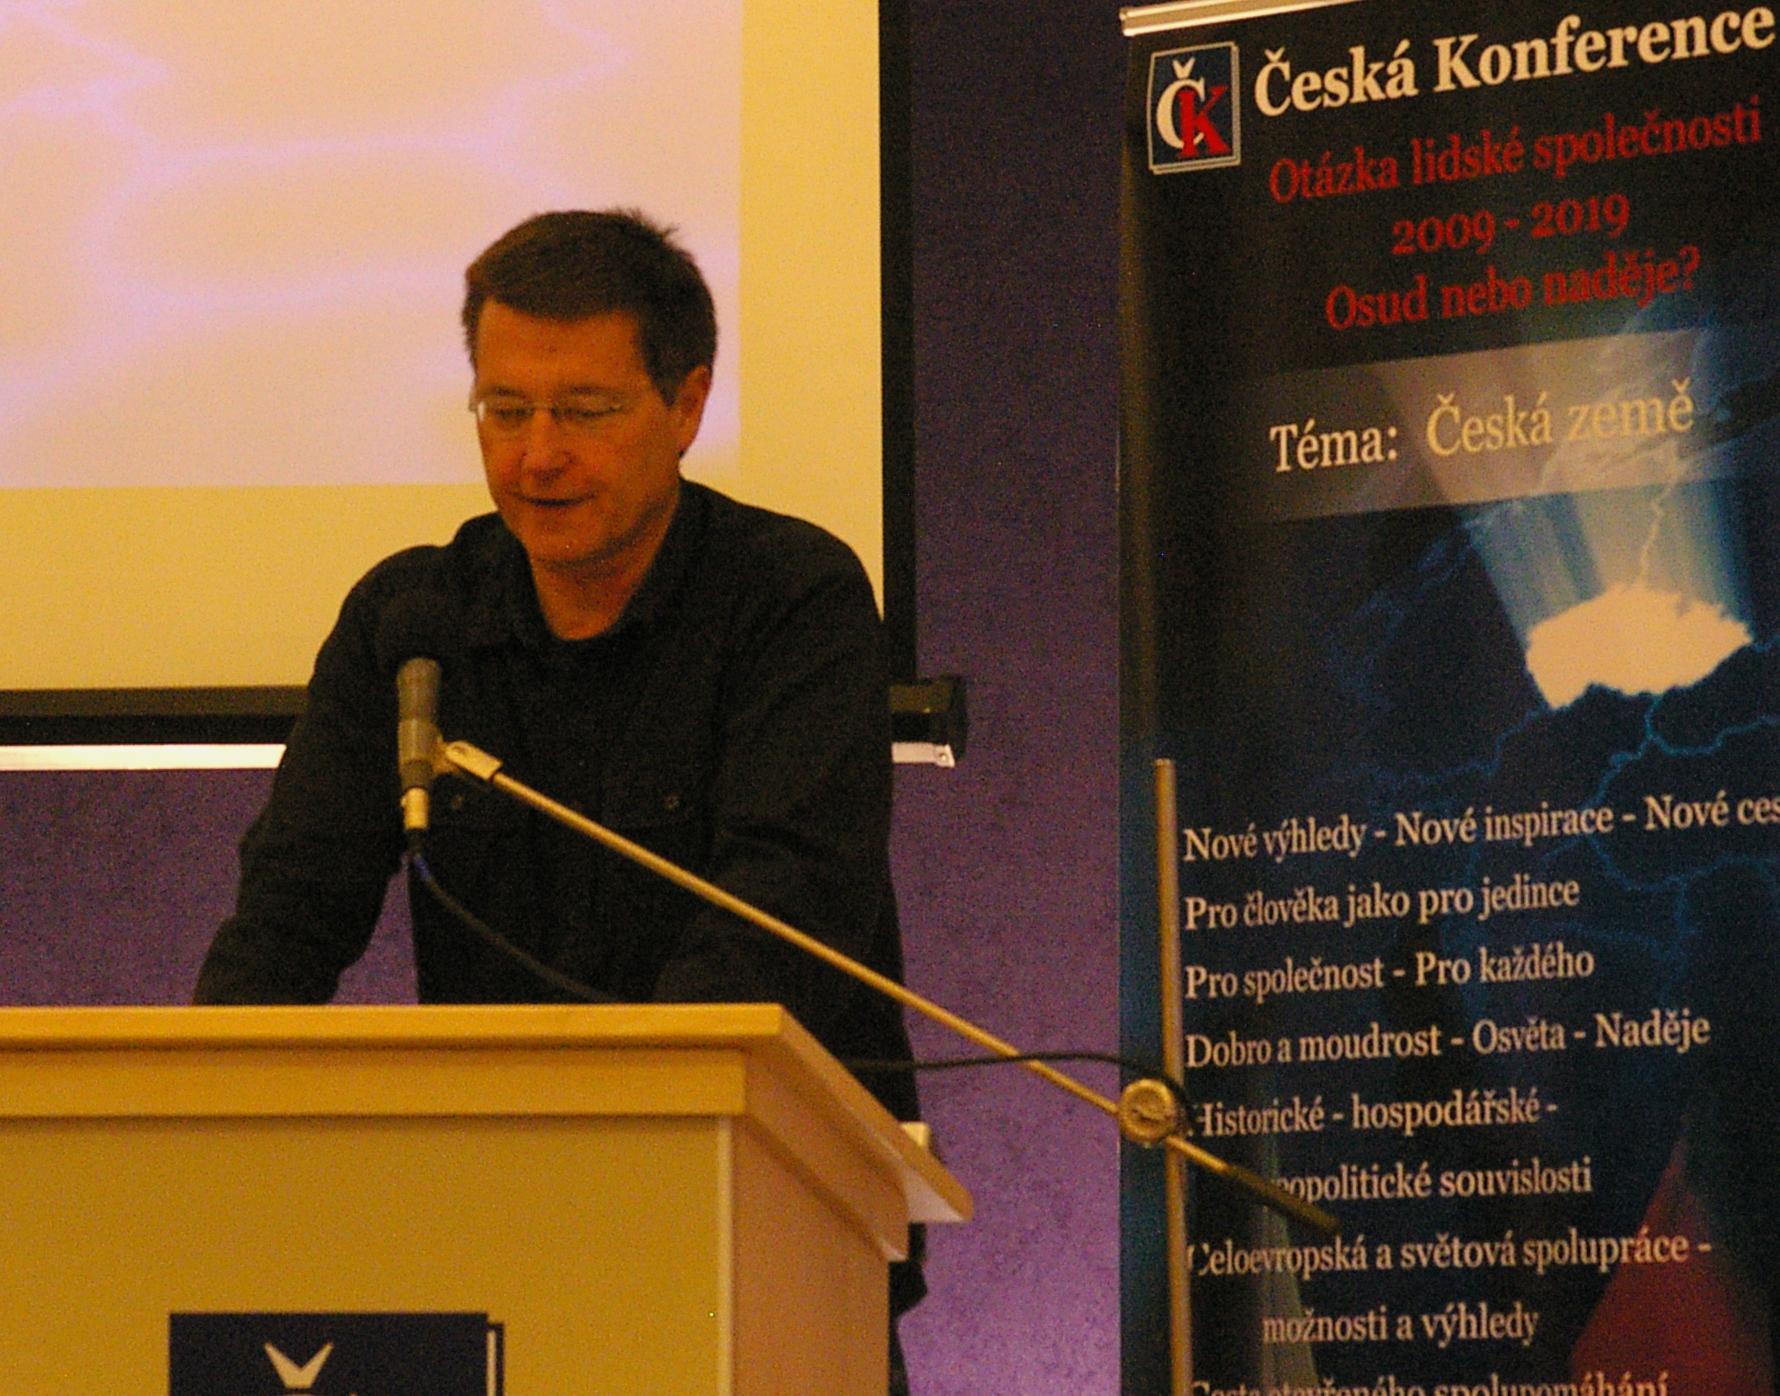 Jan Čulík in 2010